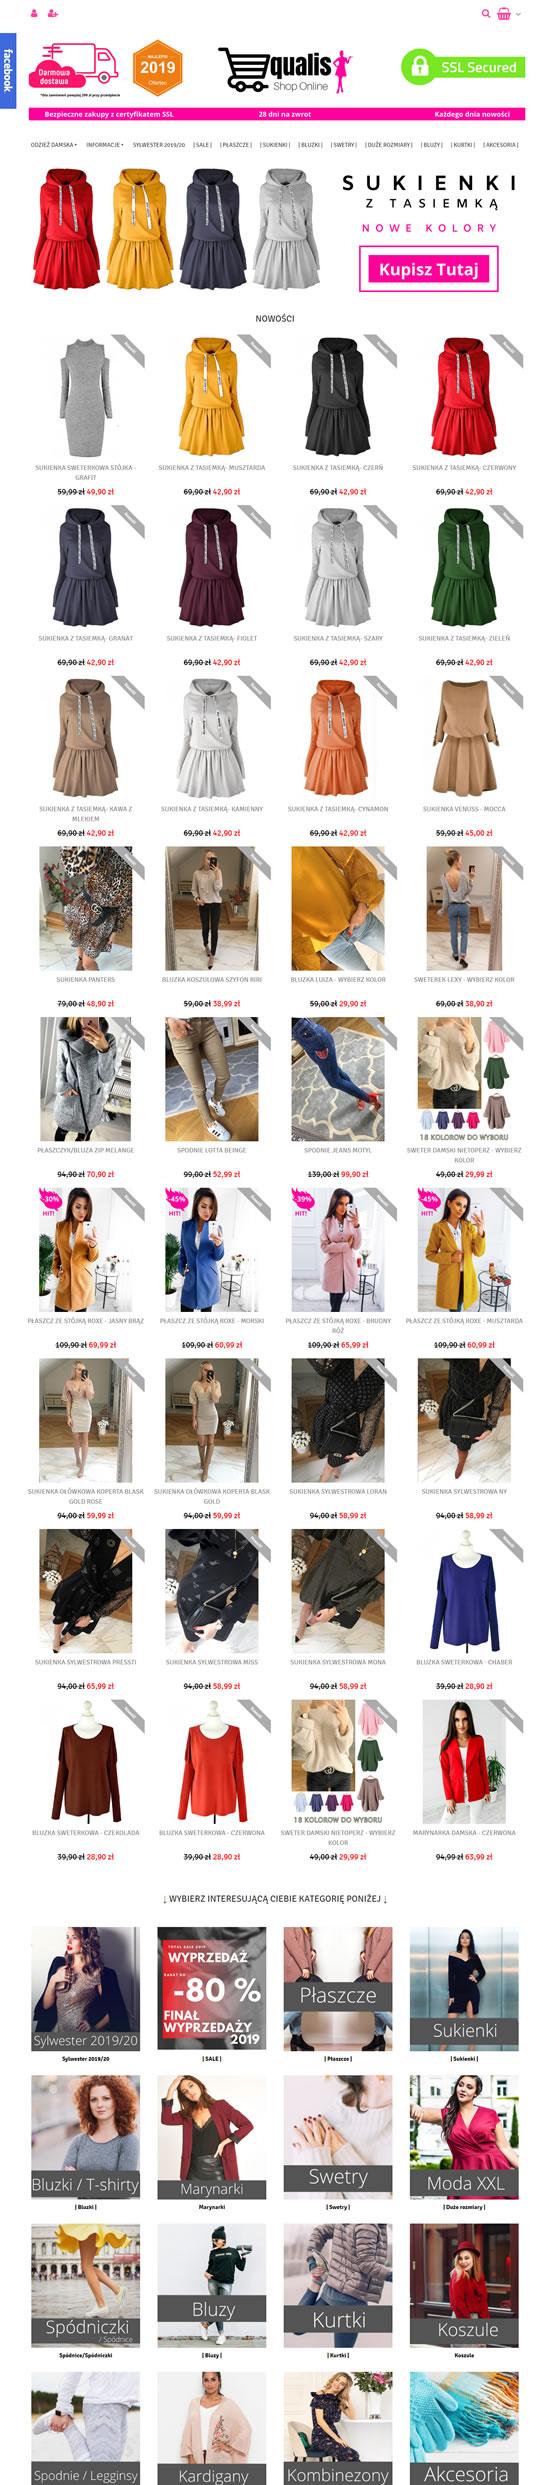 qualis.esklep.net.pl Image